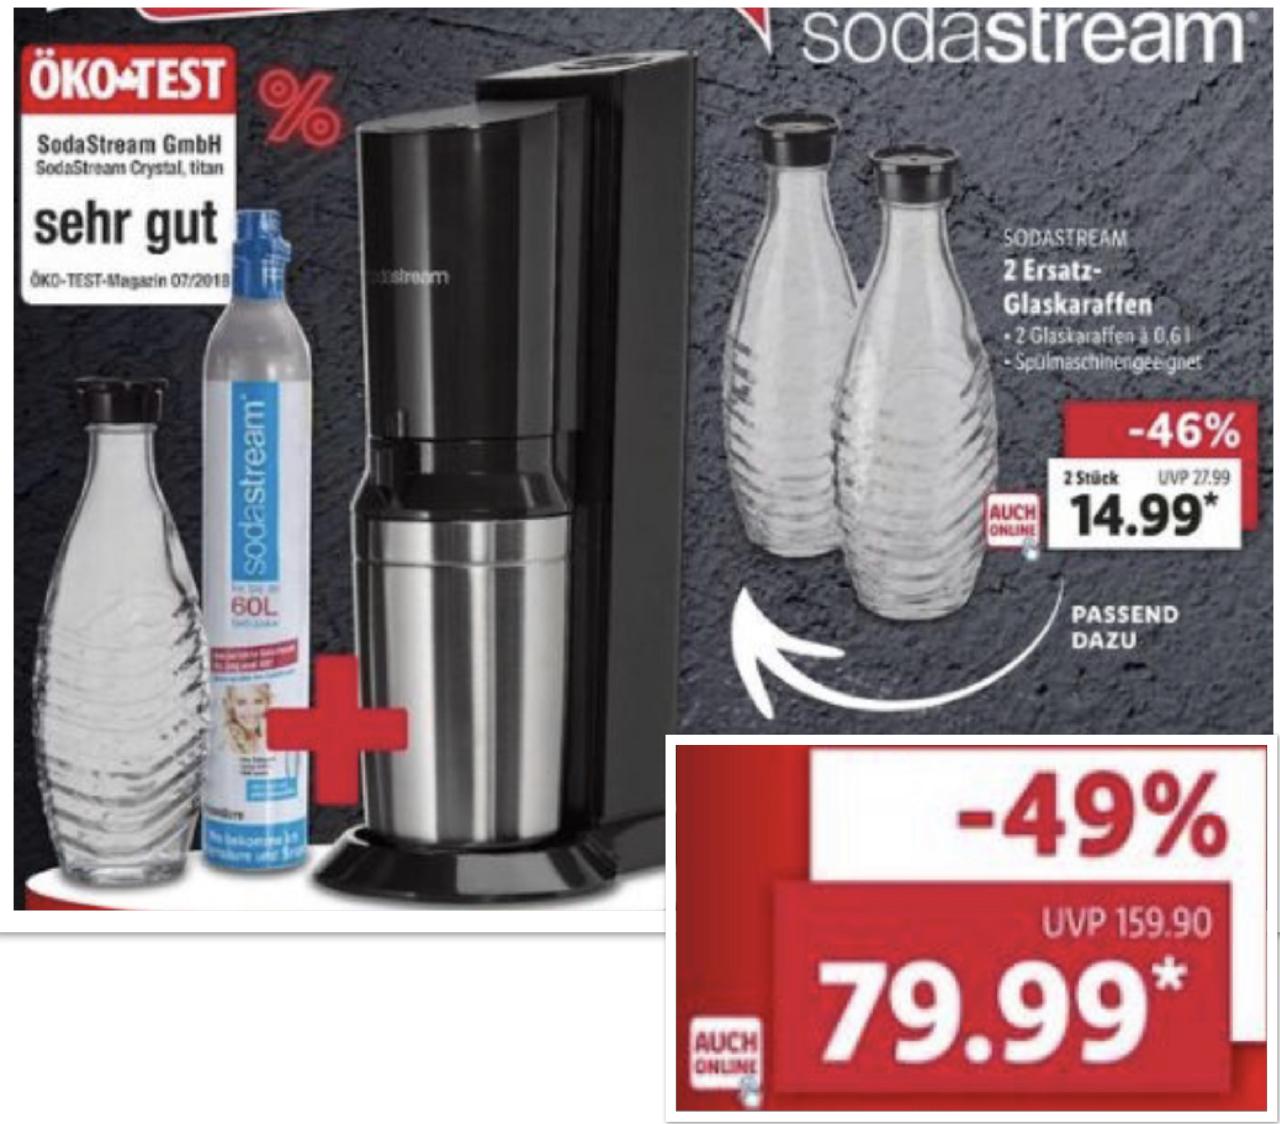 Lidl: SodaStream Crystal 2.0 inkl. Glaskaraffe u. Zylinder Titan für 79,99€ - Penguin Glaskaraffen 2 Stück für 14,99€ - Online u. Filiale